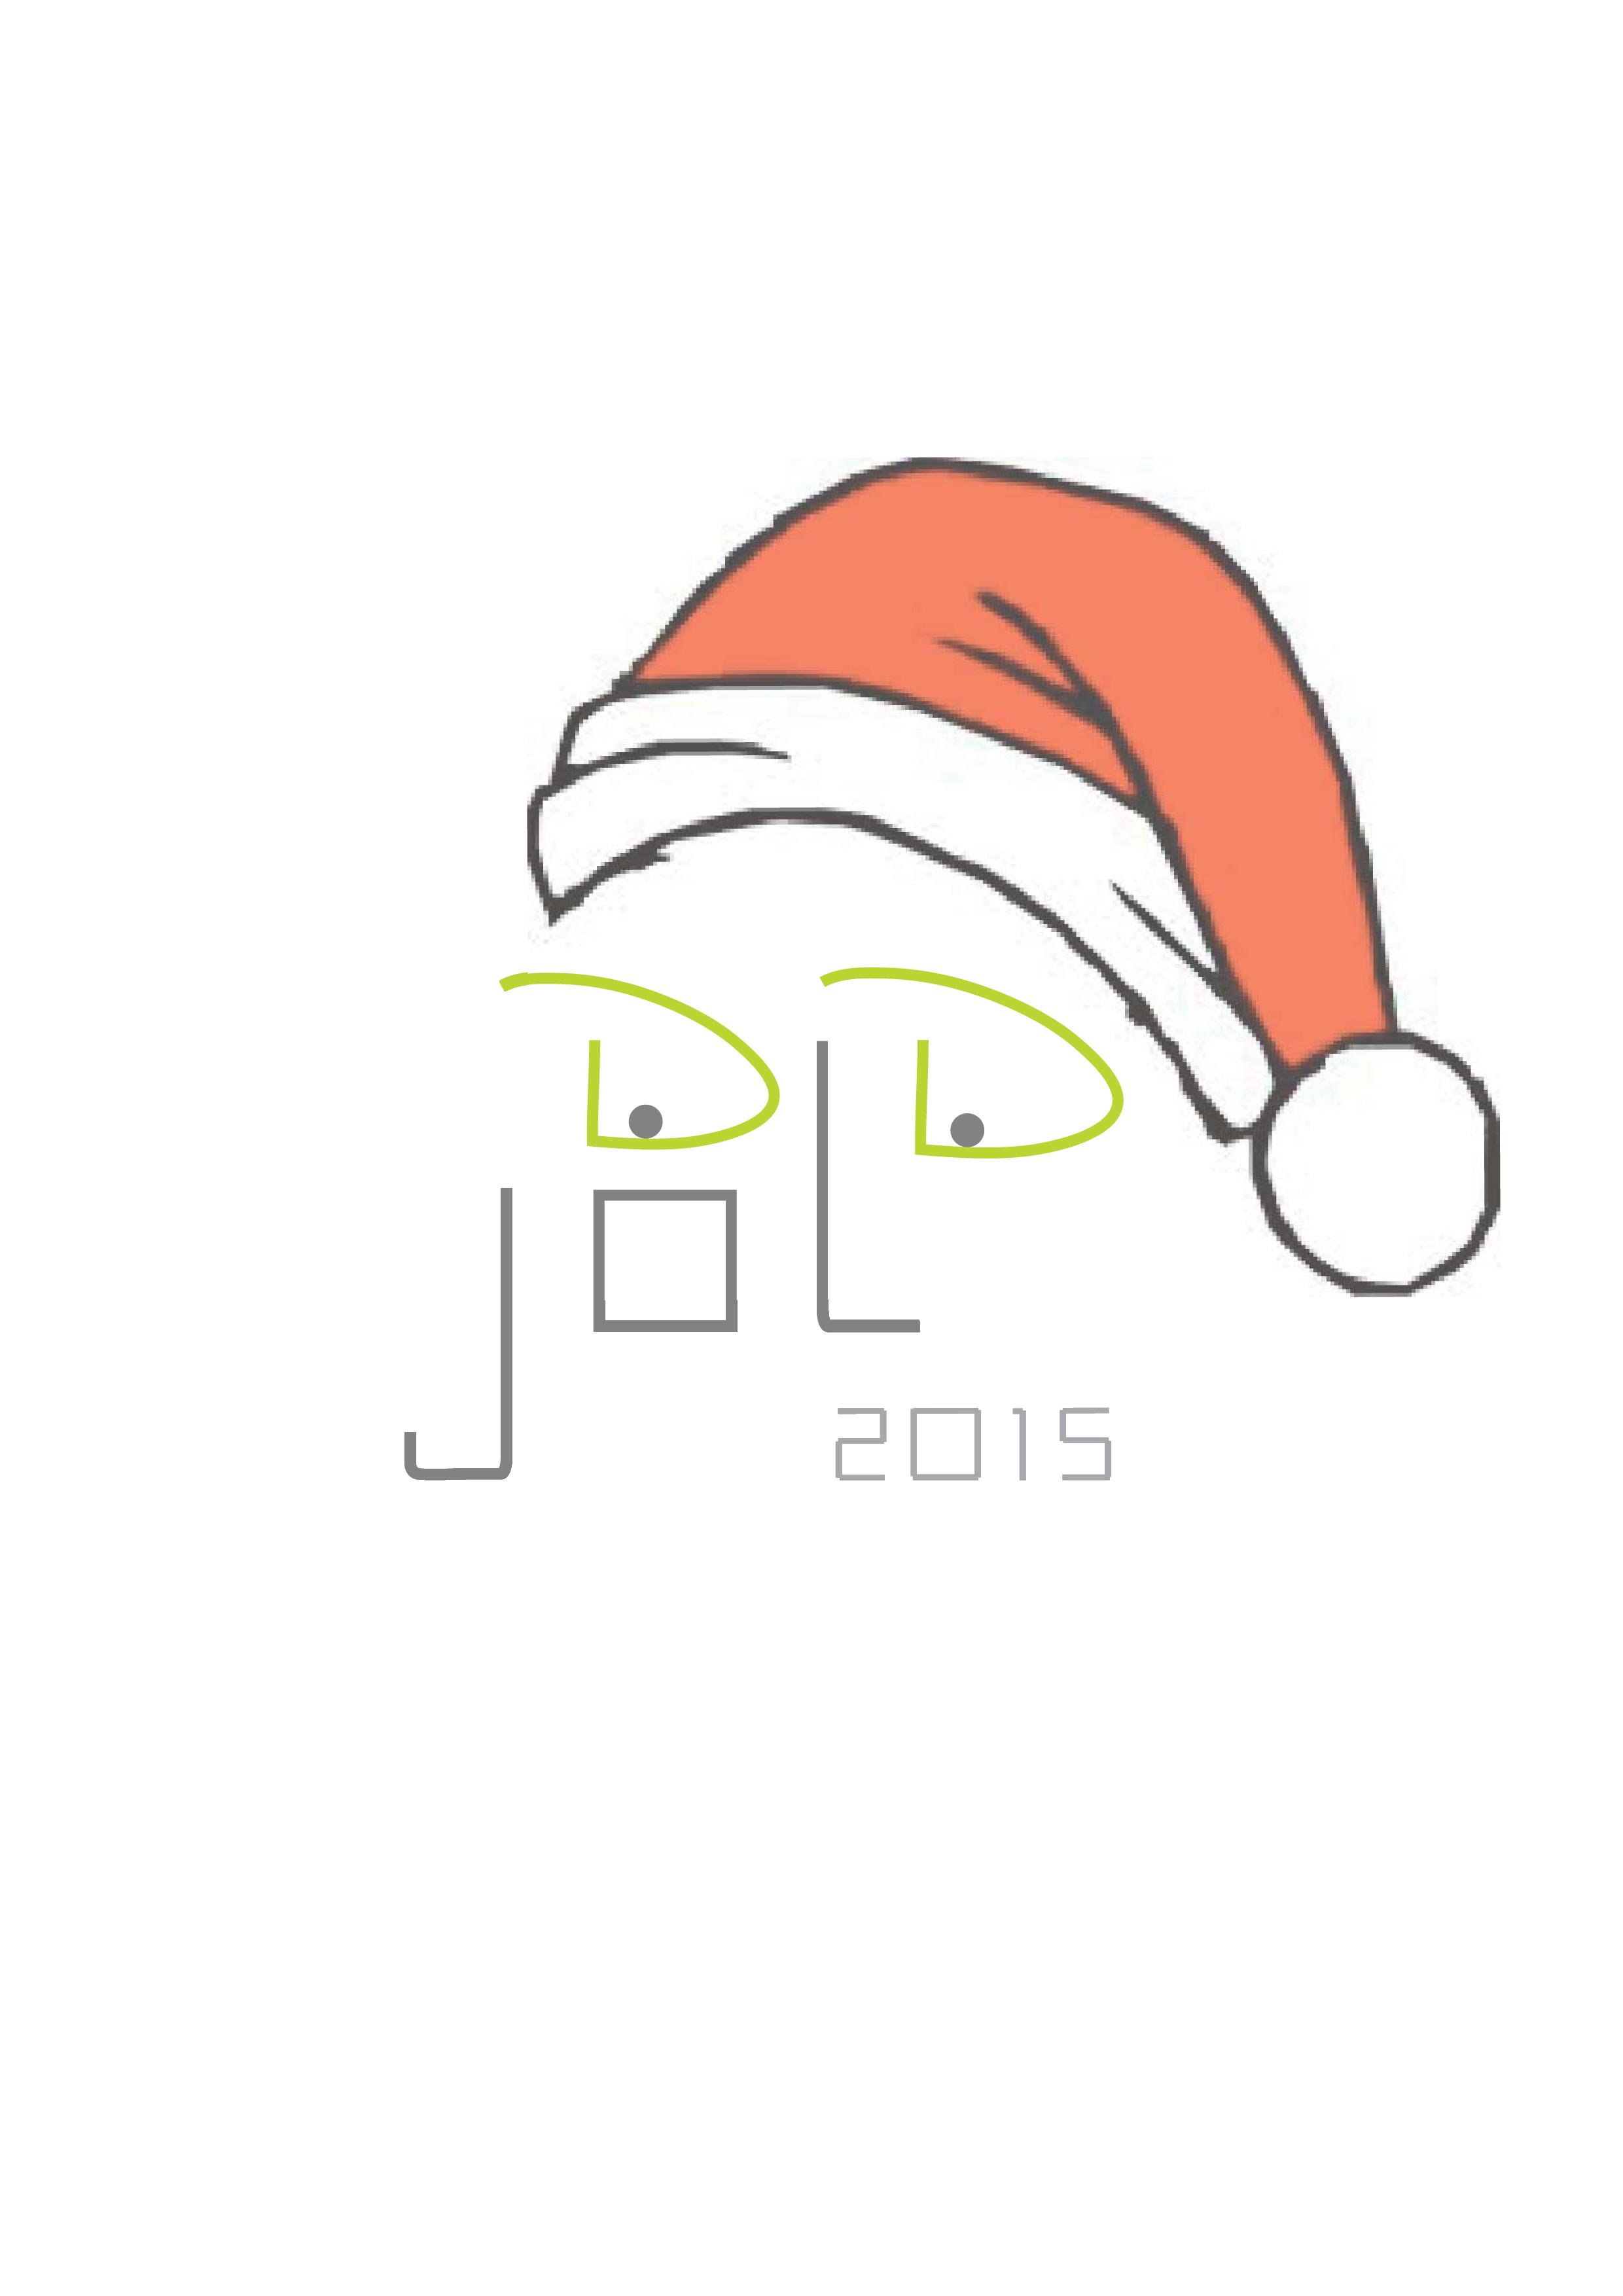 logo-jol-hufa-9